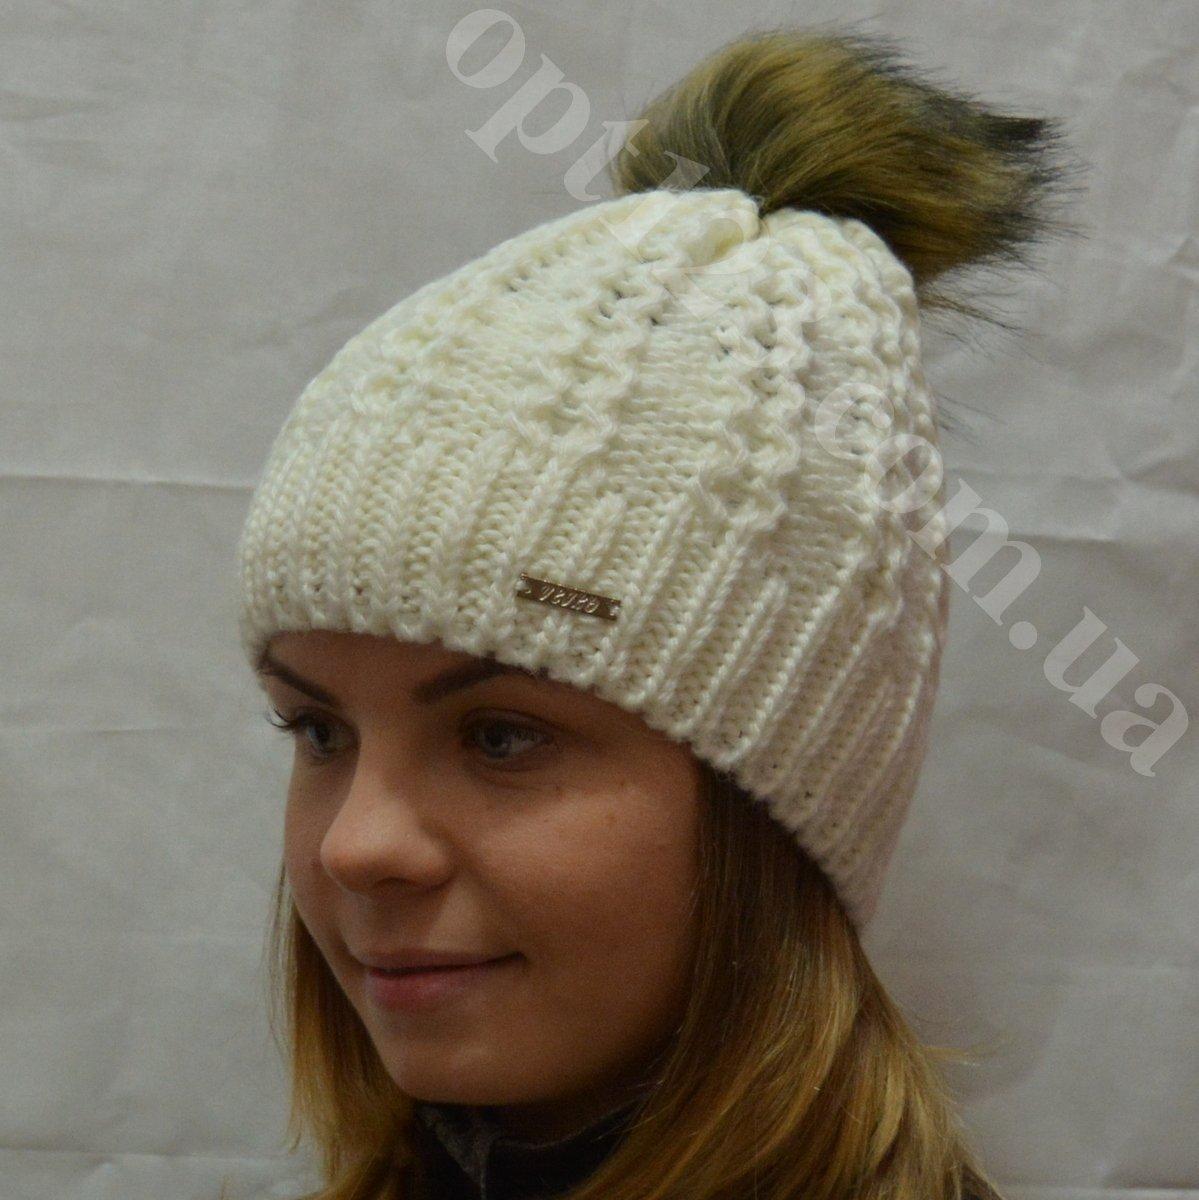 e0bebb5b46e0 шапка женская,женская шапка,головной убор,шапка для женщин,головной убор  для ...